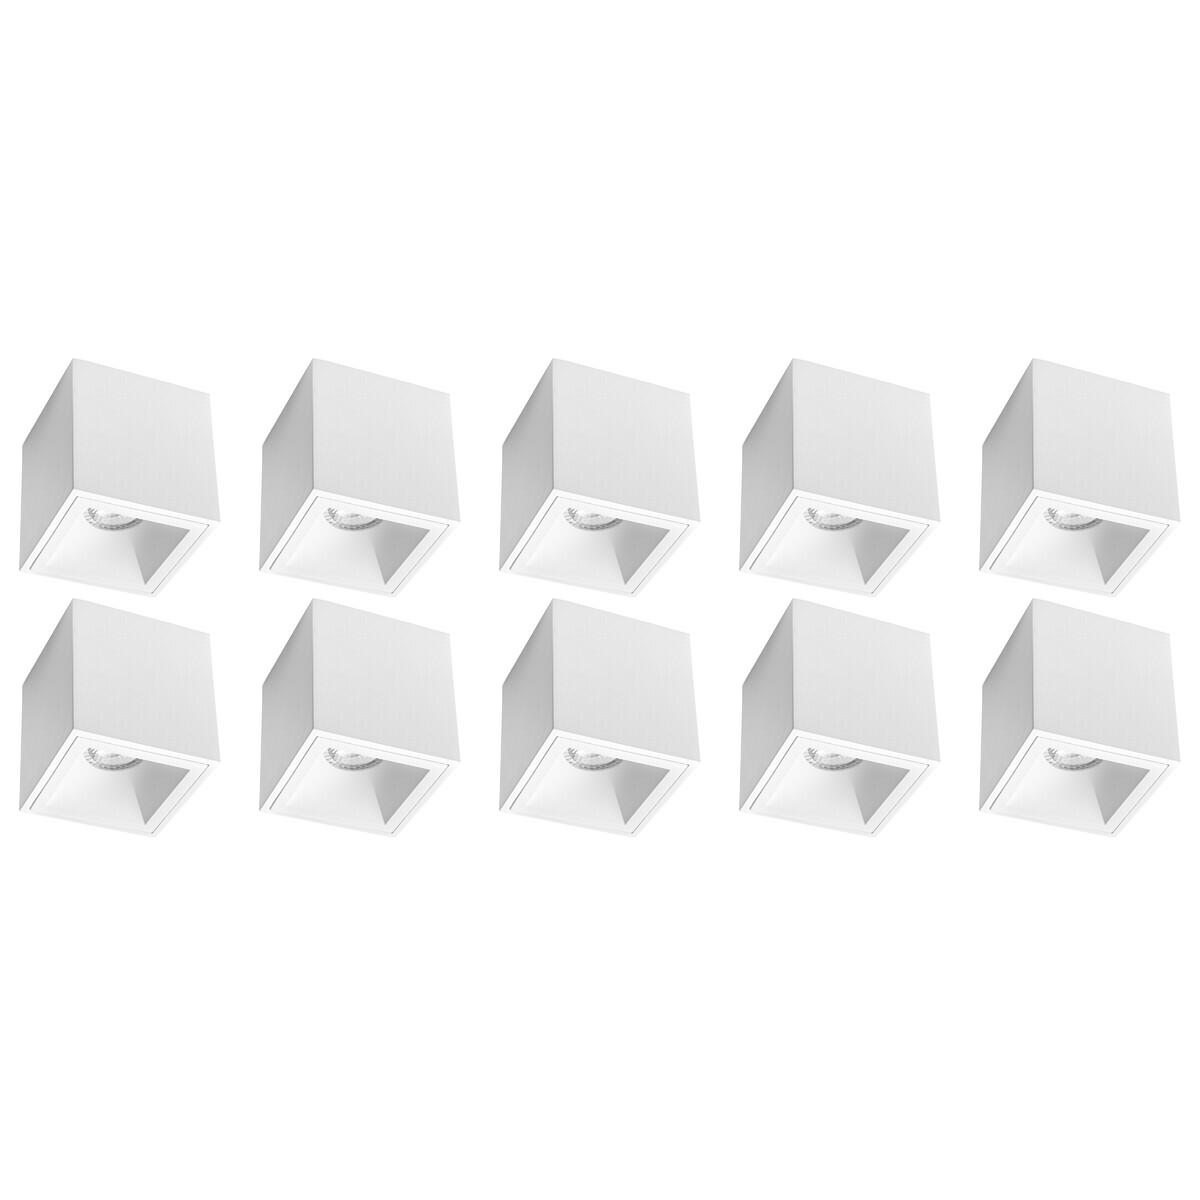 Opbouwspot 10 Pack - Pragmi Cliron Pro - GU10 Fitting - Opbouw Vierkant - Mat Wit - Aluminium - Verd